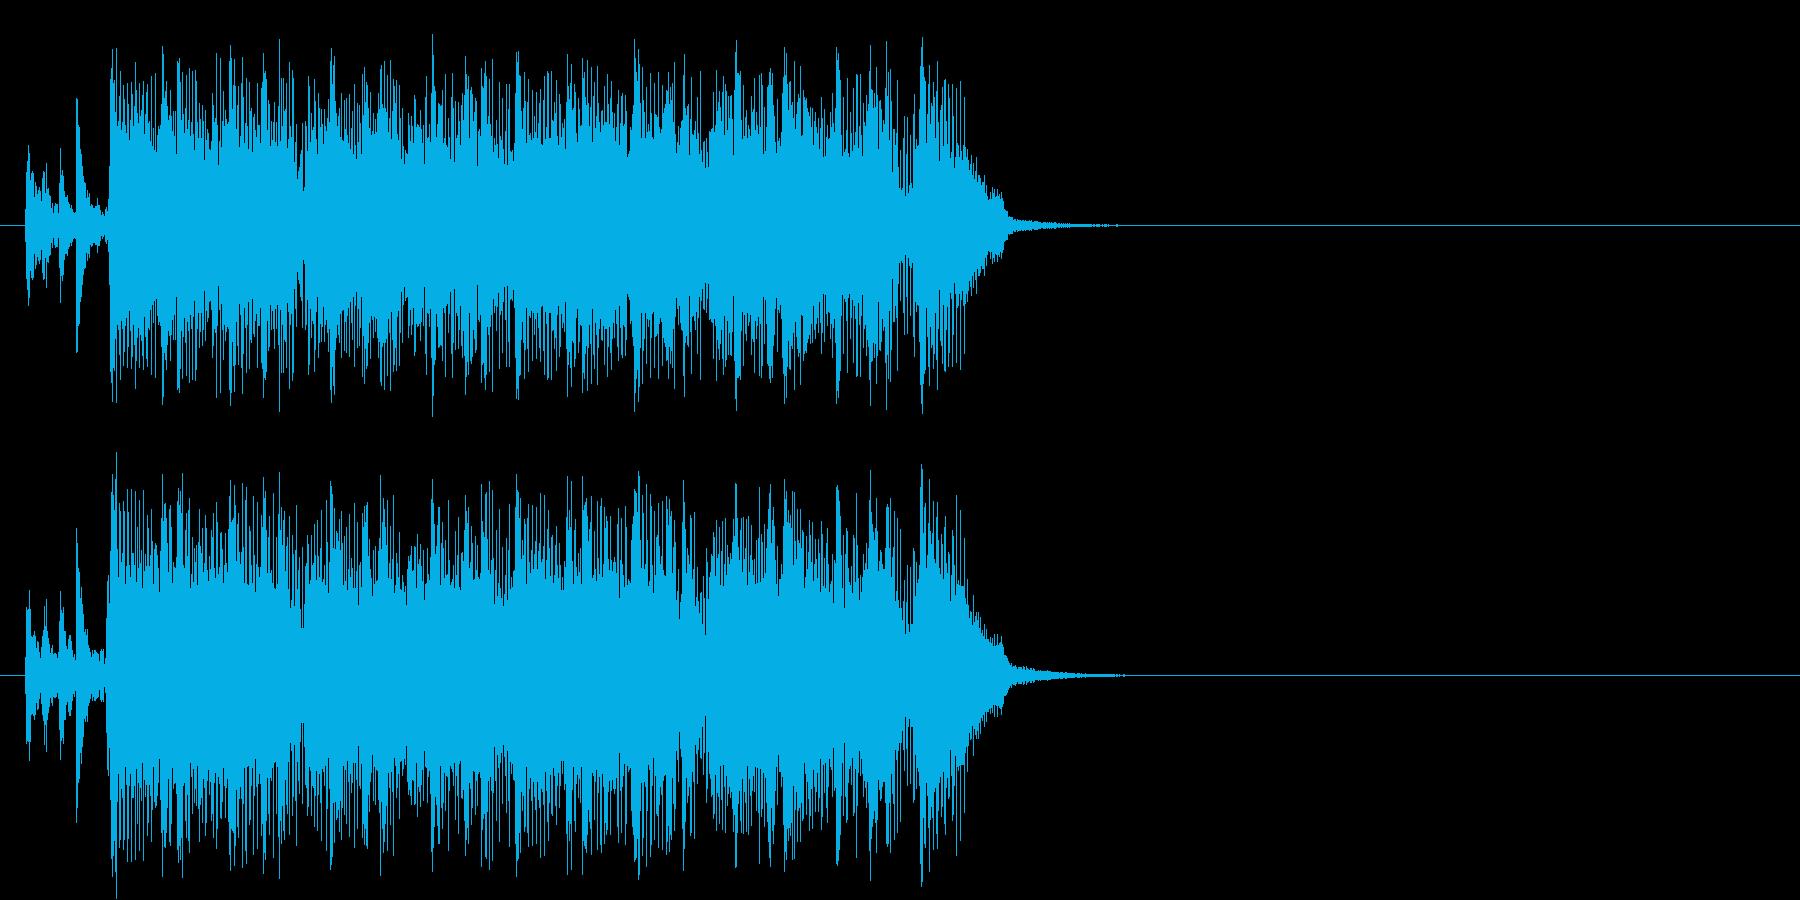 ハード・ブギー風ロックなジングルの再生済みの波形